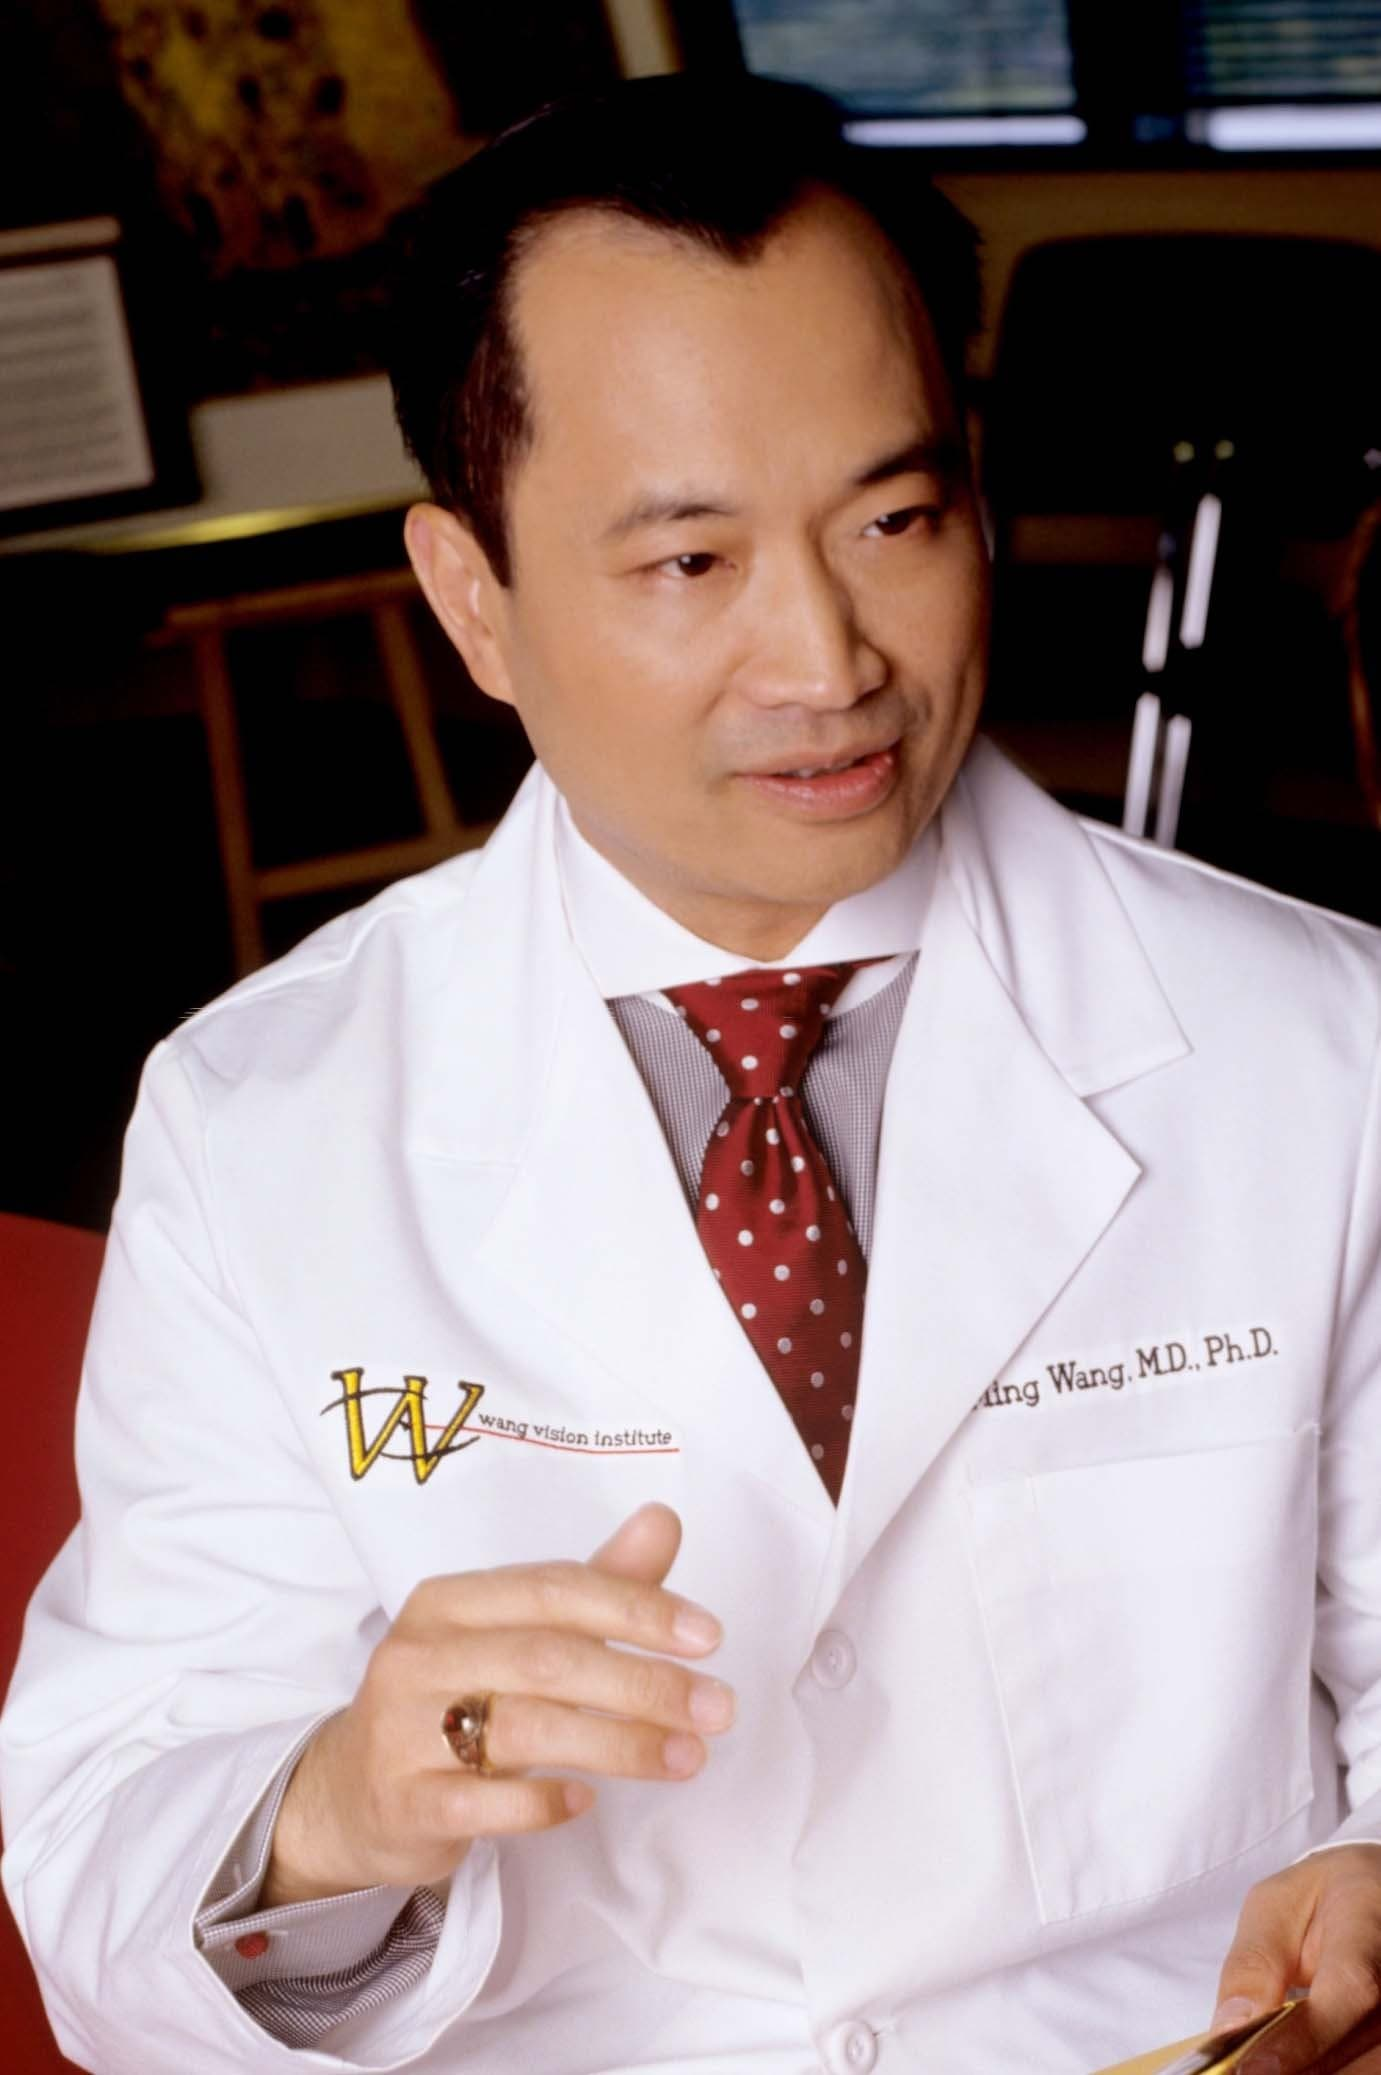 Dr. Ming X Wang MD